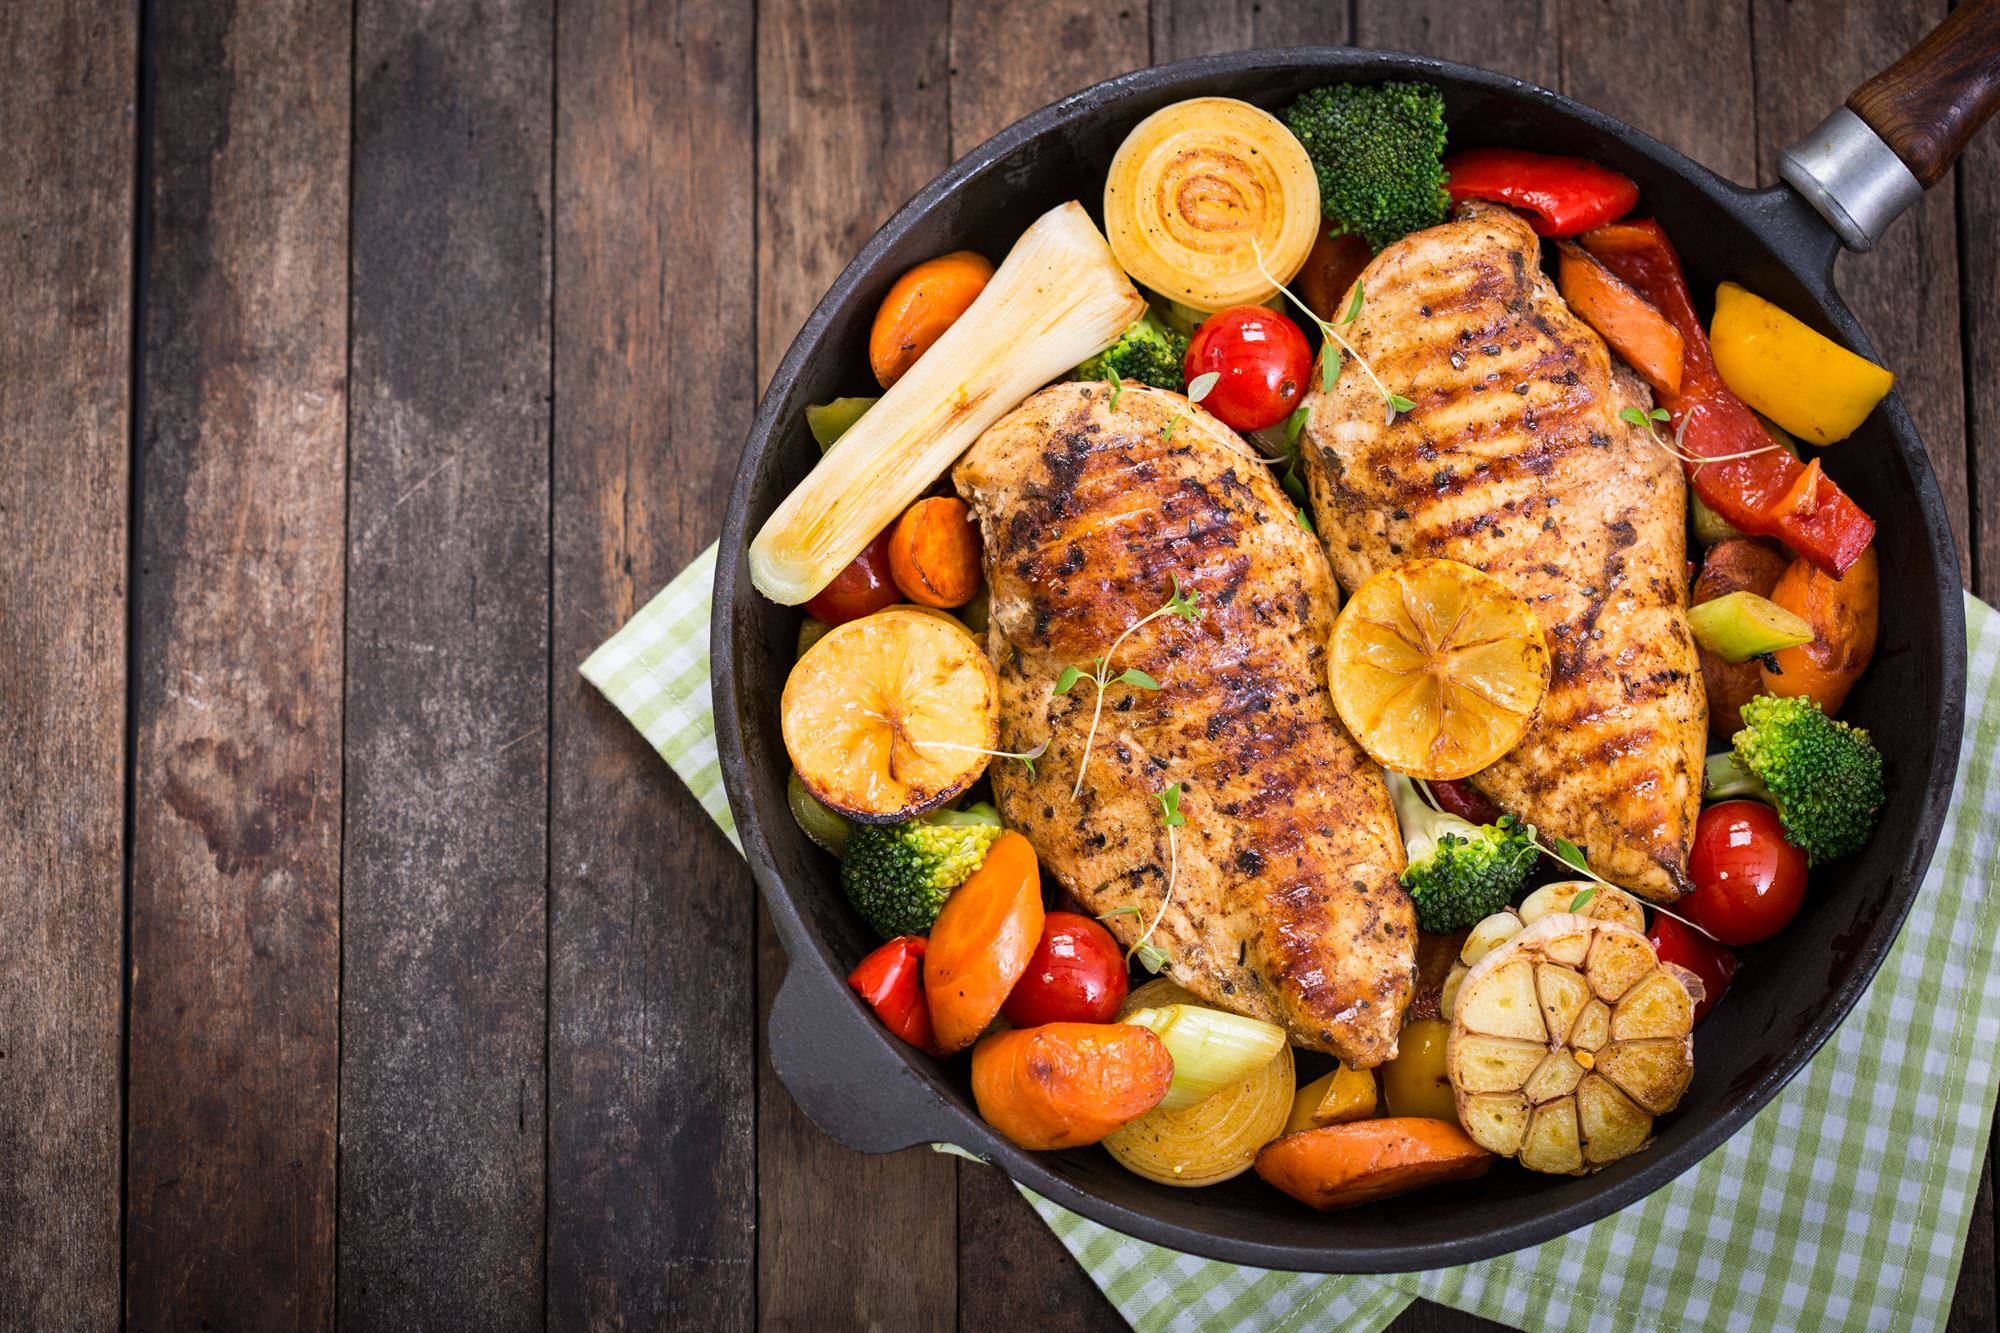 Kyllingefilet med kartofler og rodfrugter i fad